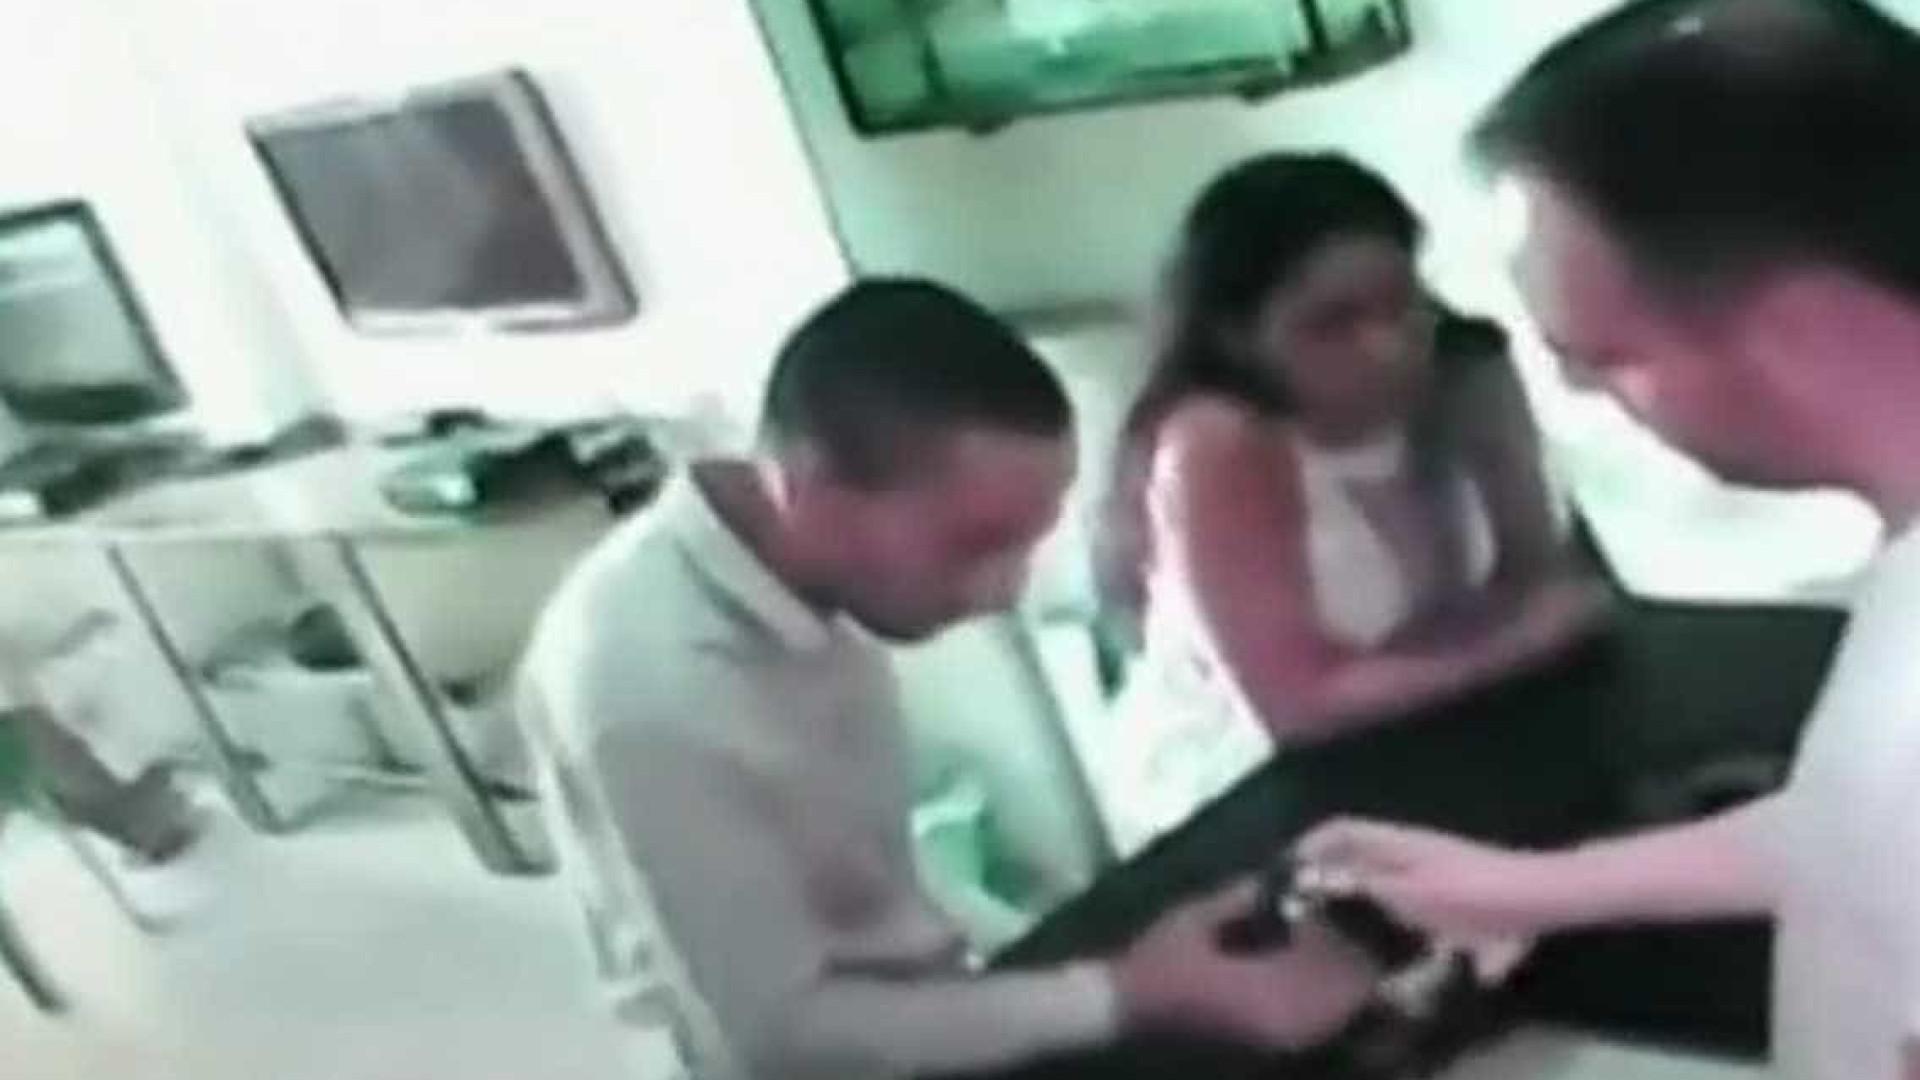 Polícia identifica casal suspeito de assassinar português no Ceará